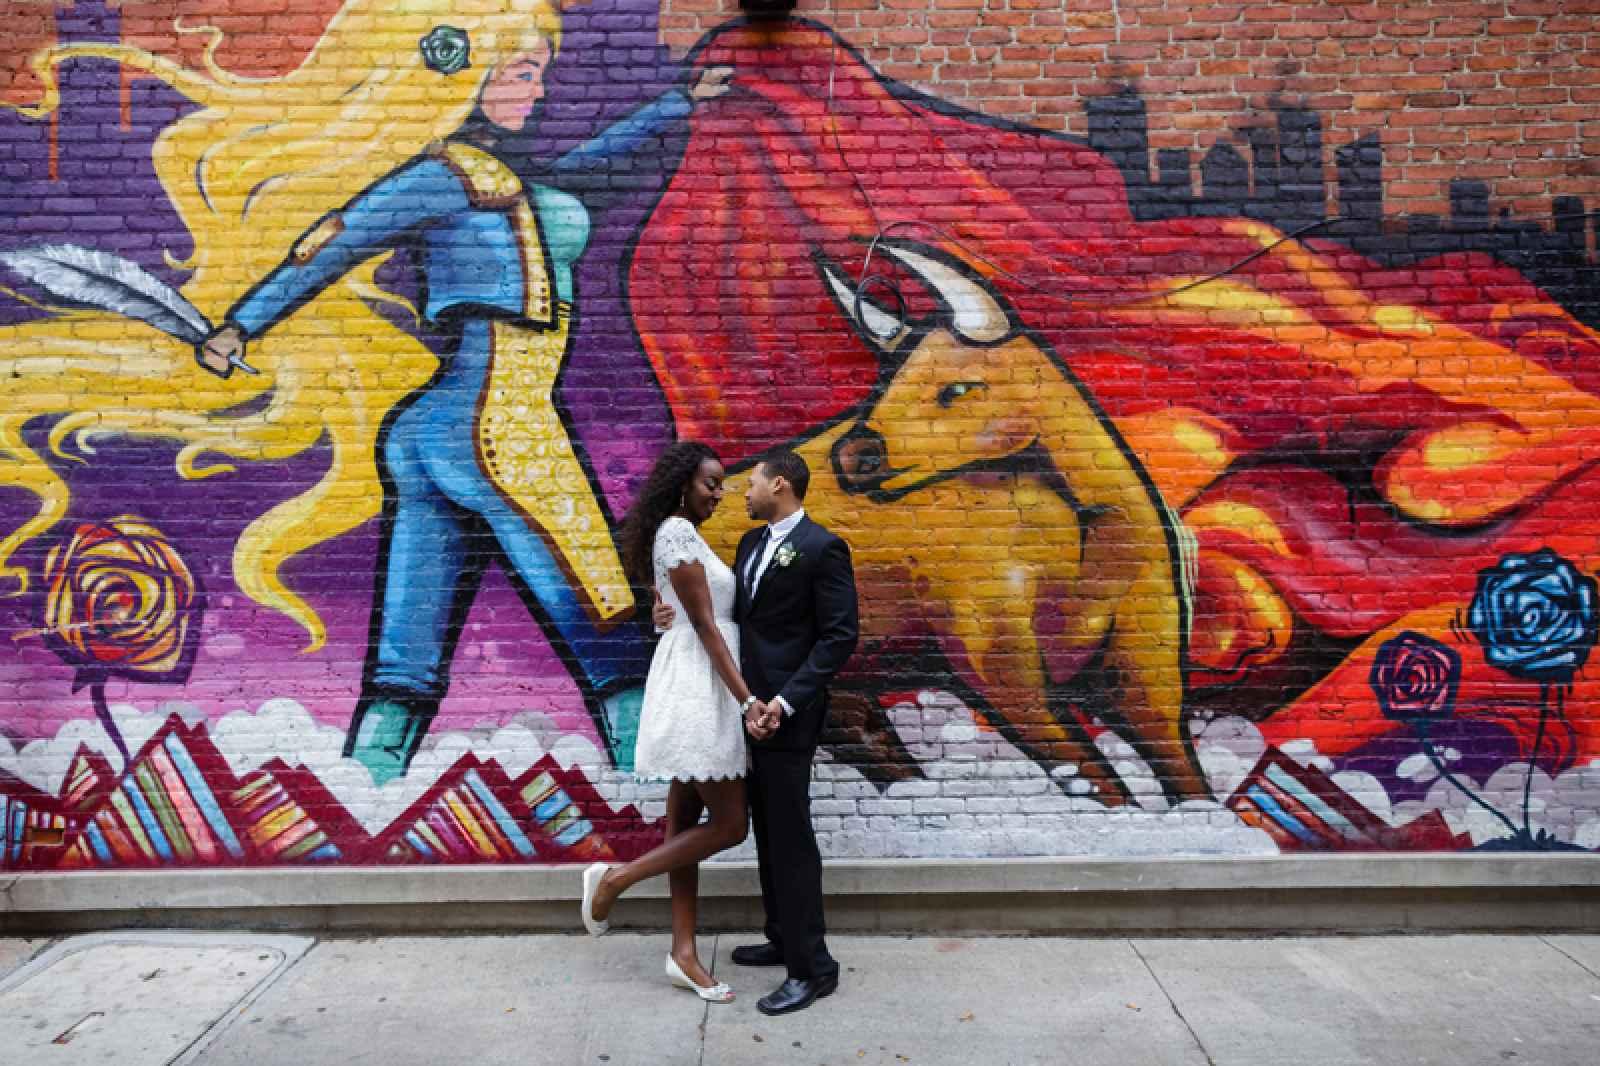 Graffiti wall ann arbor - Love This Style Shoot